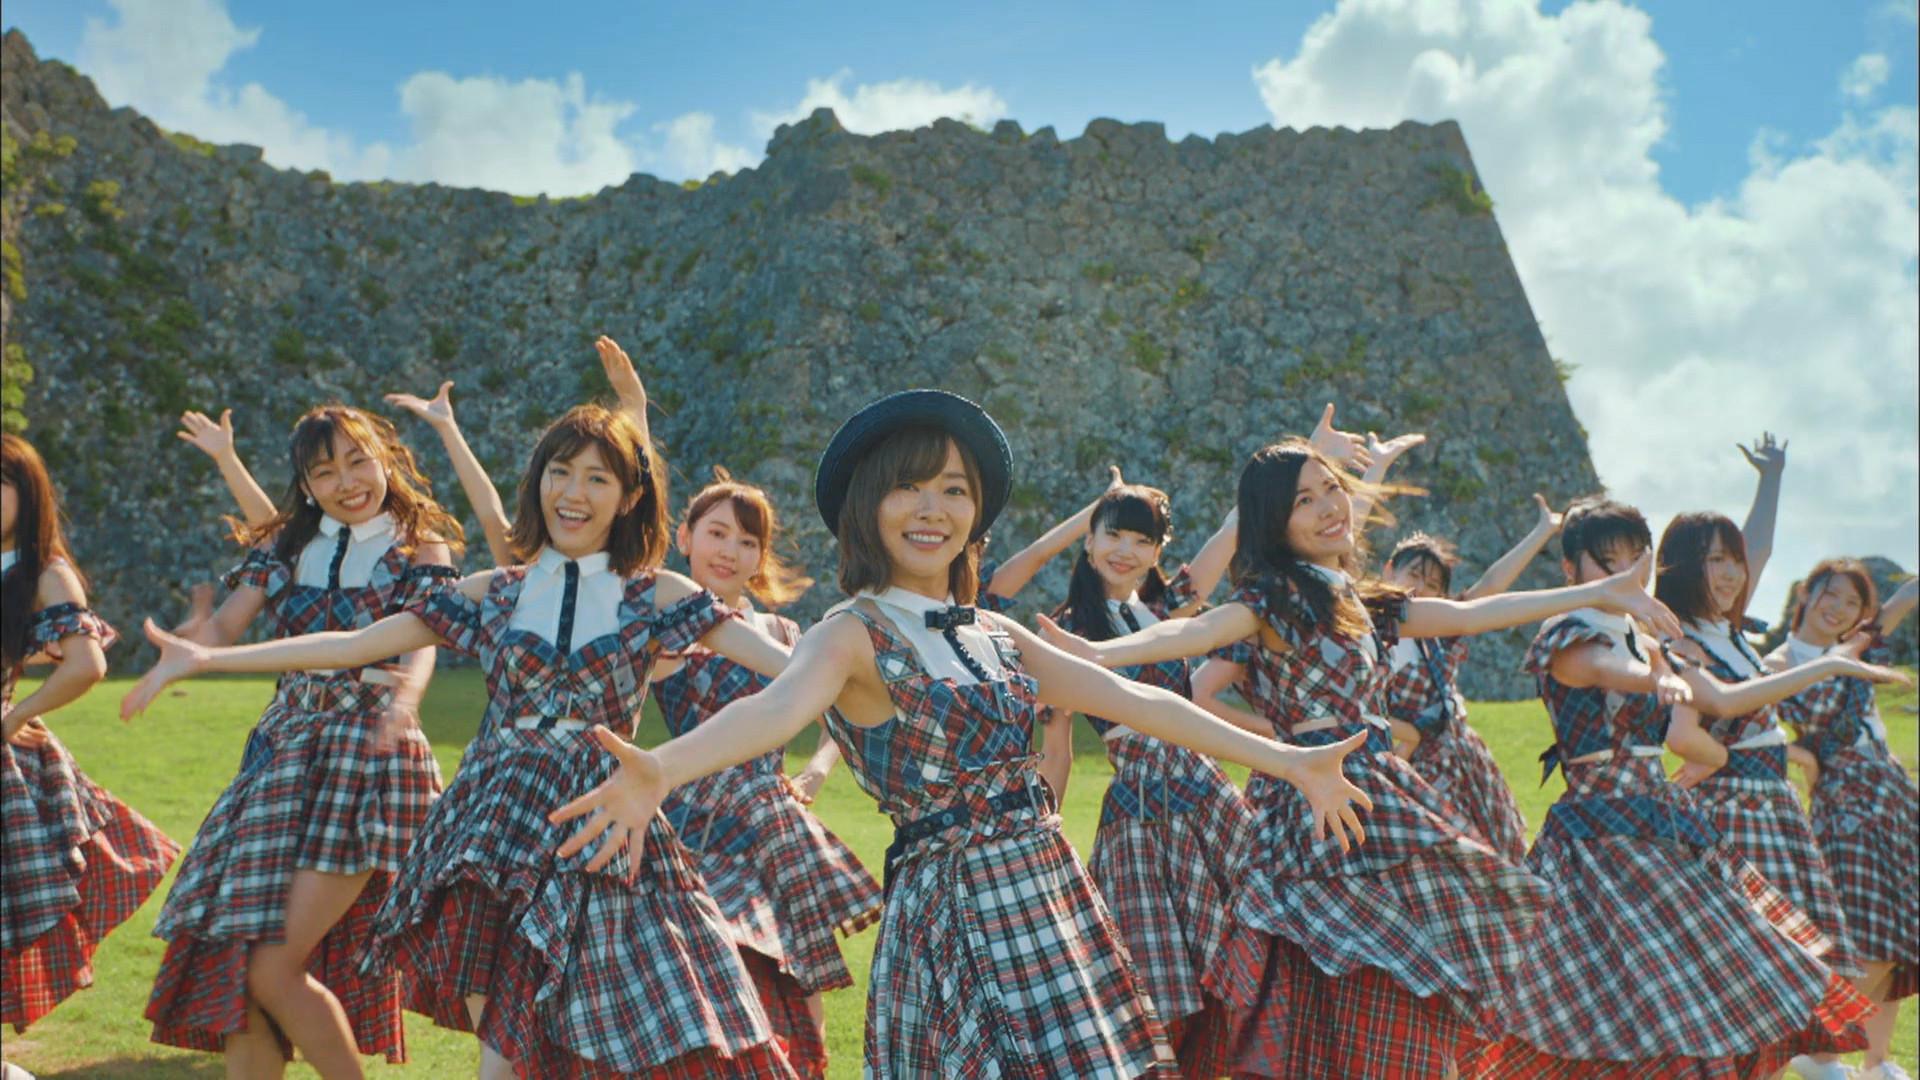 【驚愕】AKB48 最新曲「好きなんだ」売上140万枚超えwwwwwwwwwwwwwwwのサムネイル画像